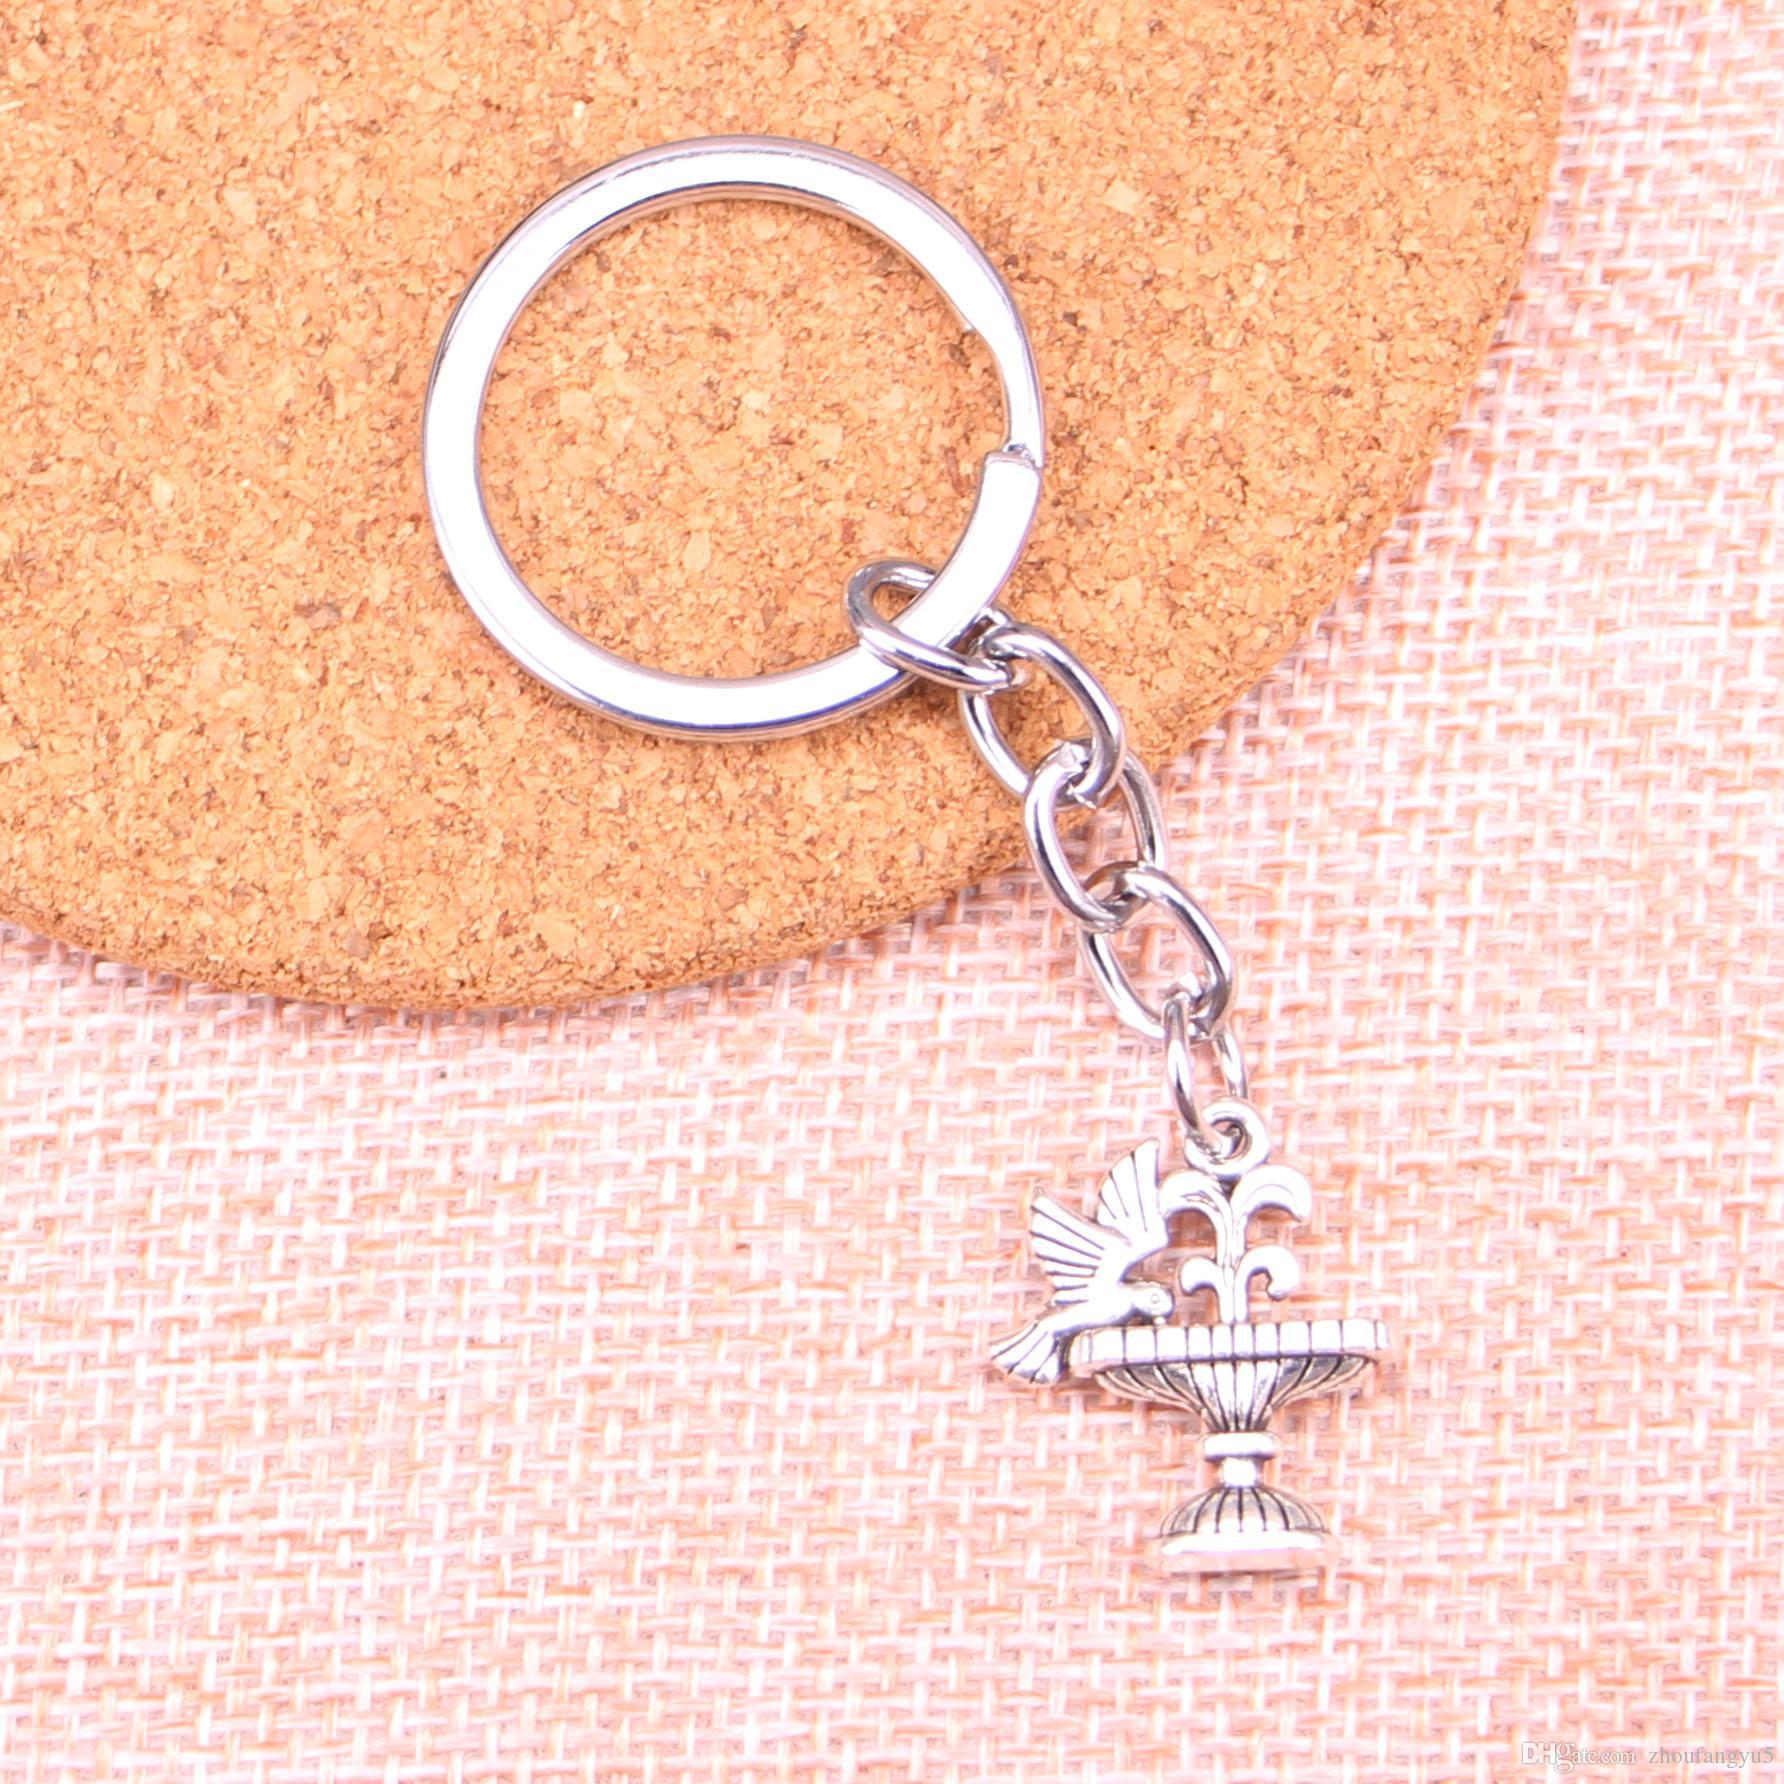 Новый брелок 21 * 17мм партер птица питьевой Подвески DIY Мужчины автомобилей Key Chain Кольцо держатель брелок Сувенирная подарка ювелирных изделий